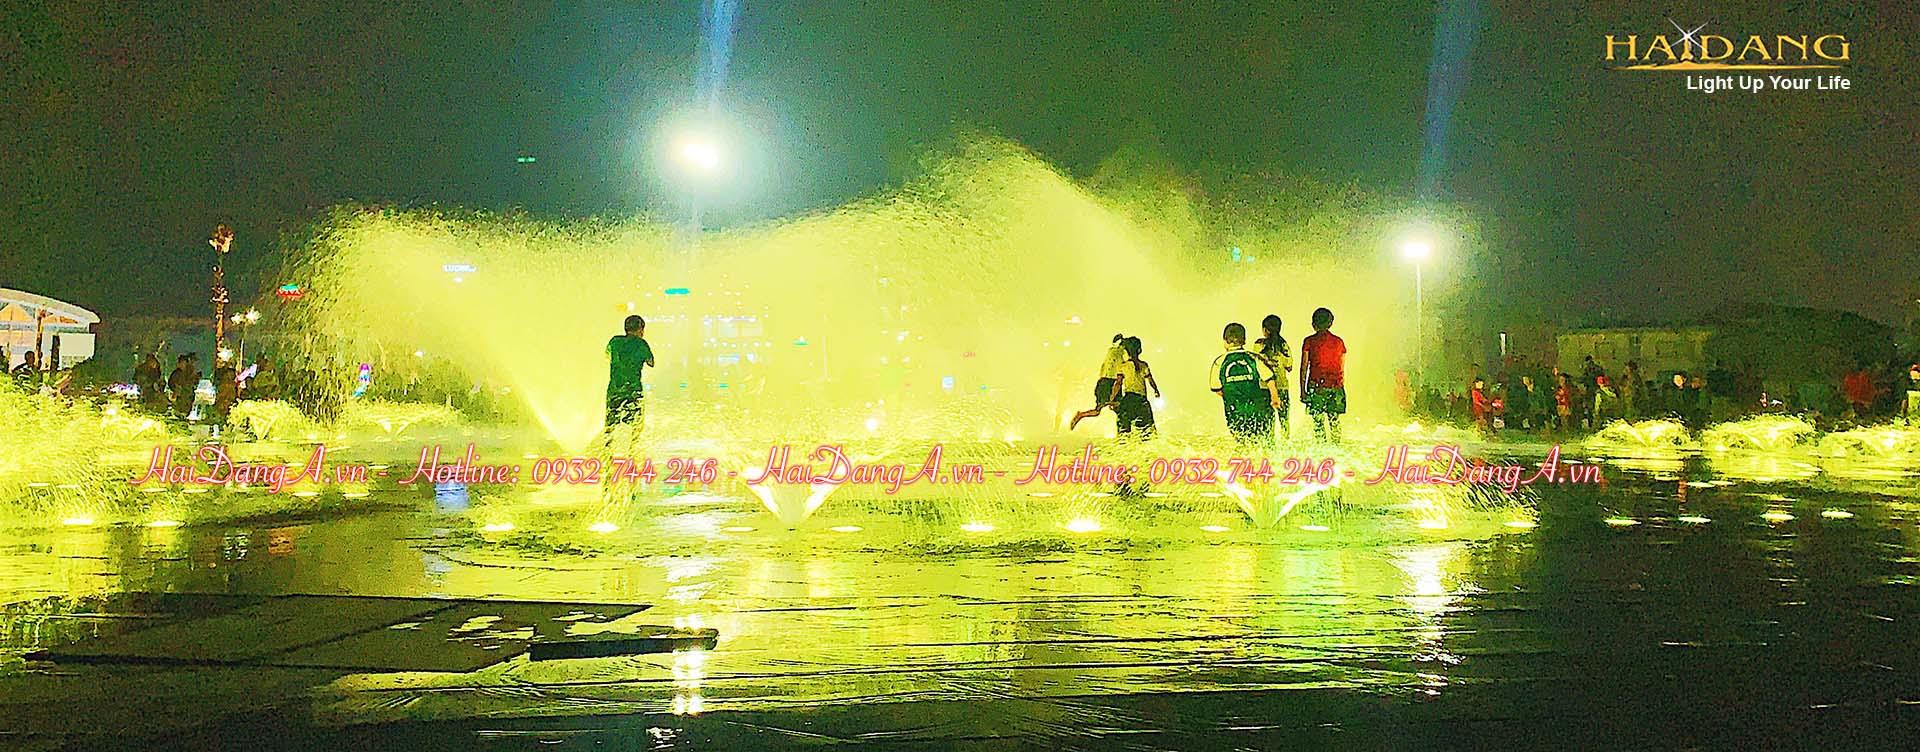 Đài phun nước âm sàn kết hợp âm nhạc ánh sáng và sân chơi nước trẻ em tại Quảng trường 1-4 Tuy Hoà